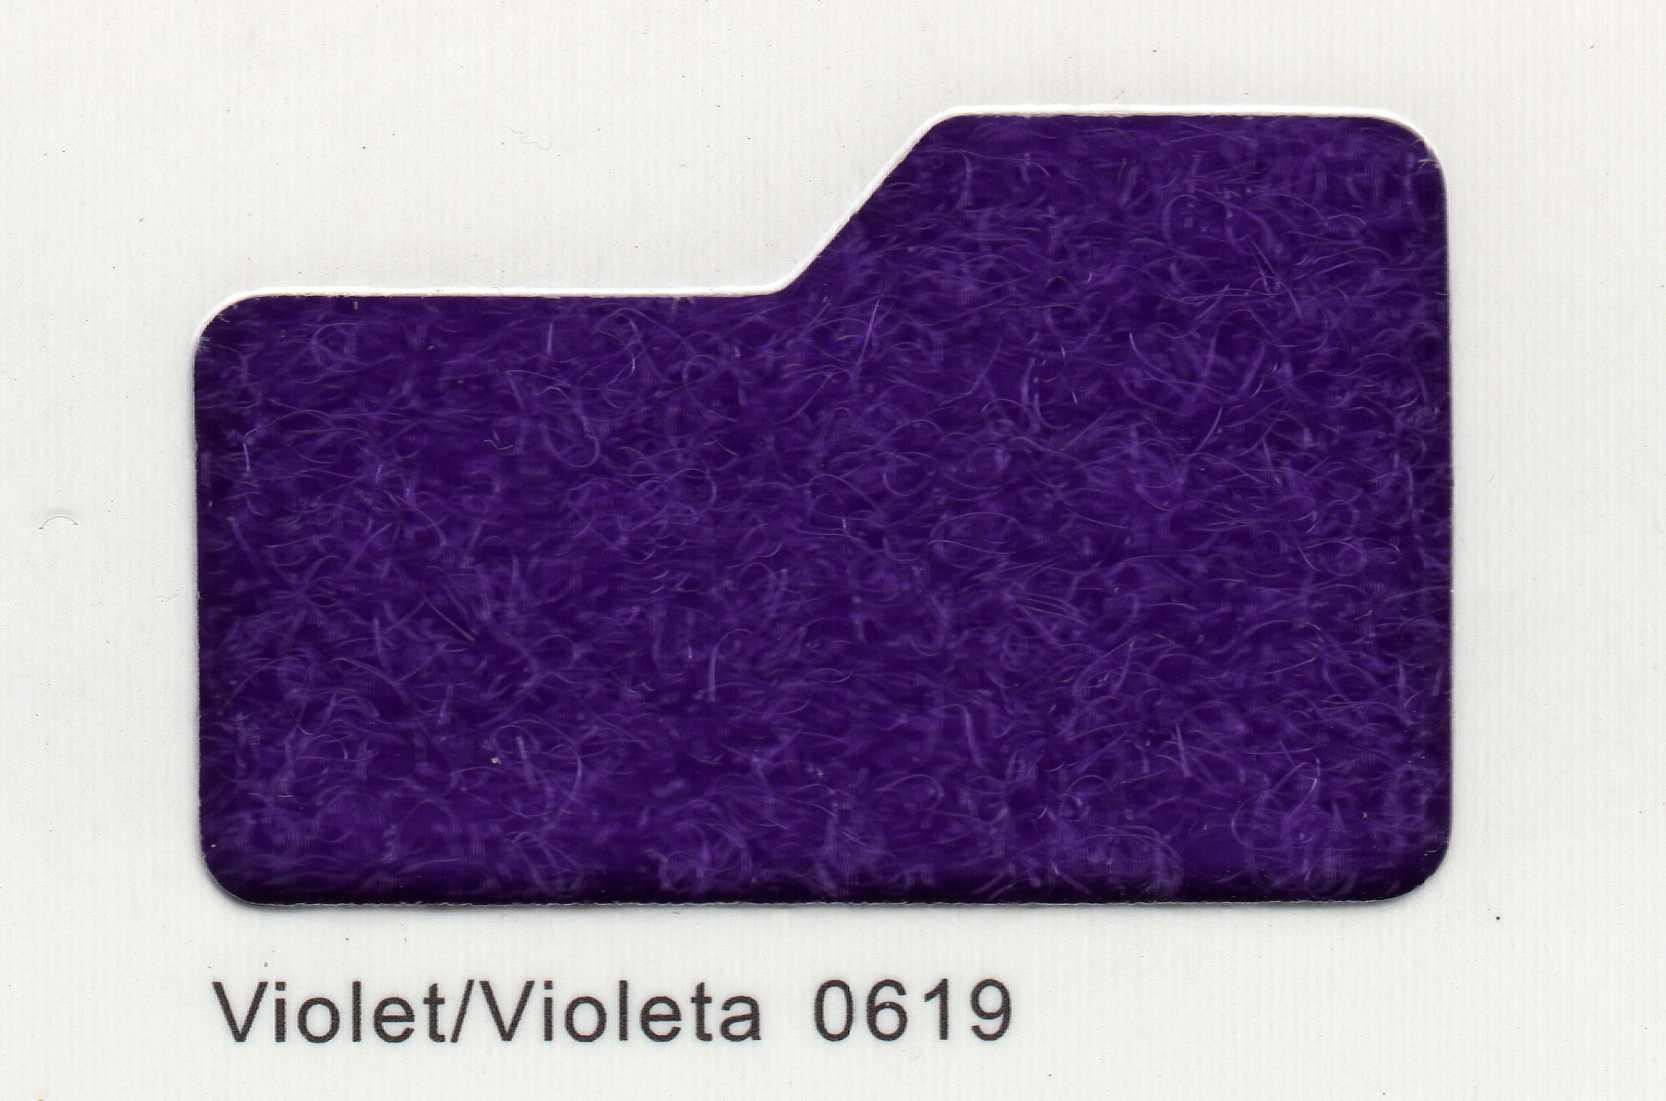 Cinta de cierre Velcro-Veraco 38mm Violeta 0619 (Gancho).